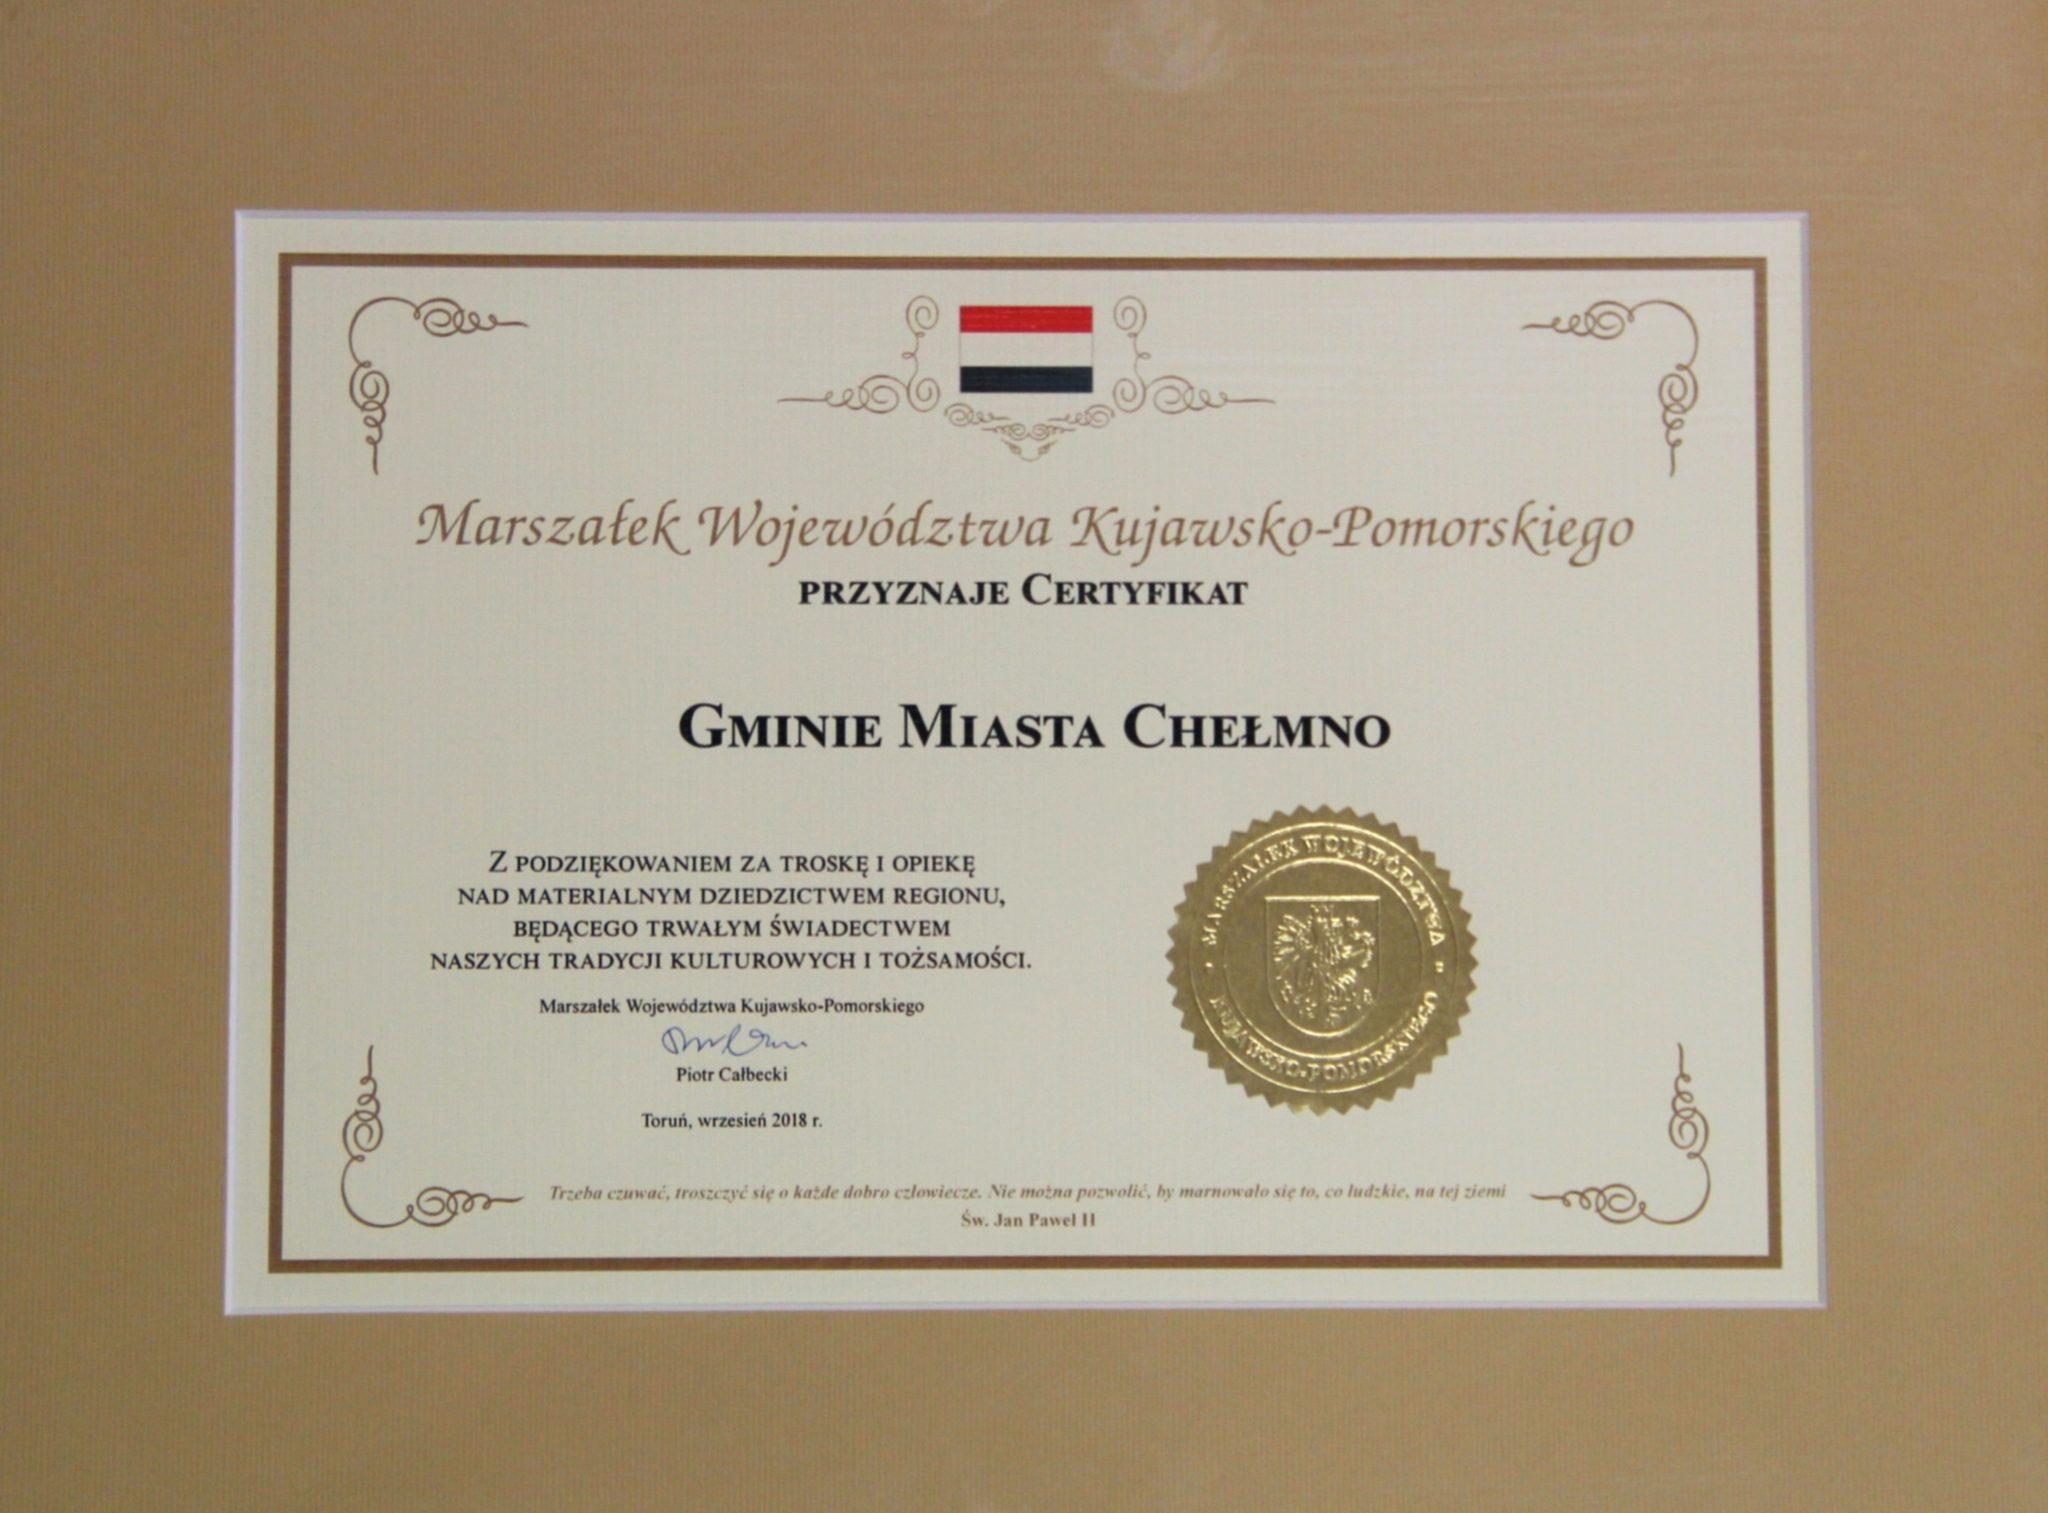 Certyfikat z podziękowaniem za troskę i opiekę nad materialnym dziedzictwem regionu dla Gminy Miasto Chełmno, 7.09.2018 r.